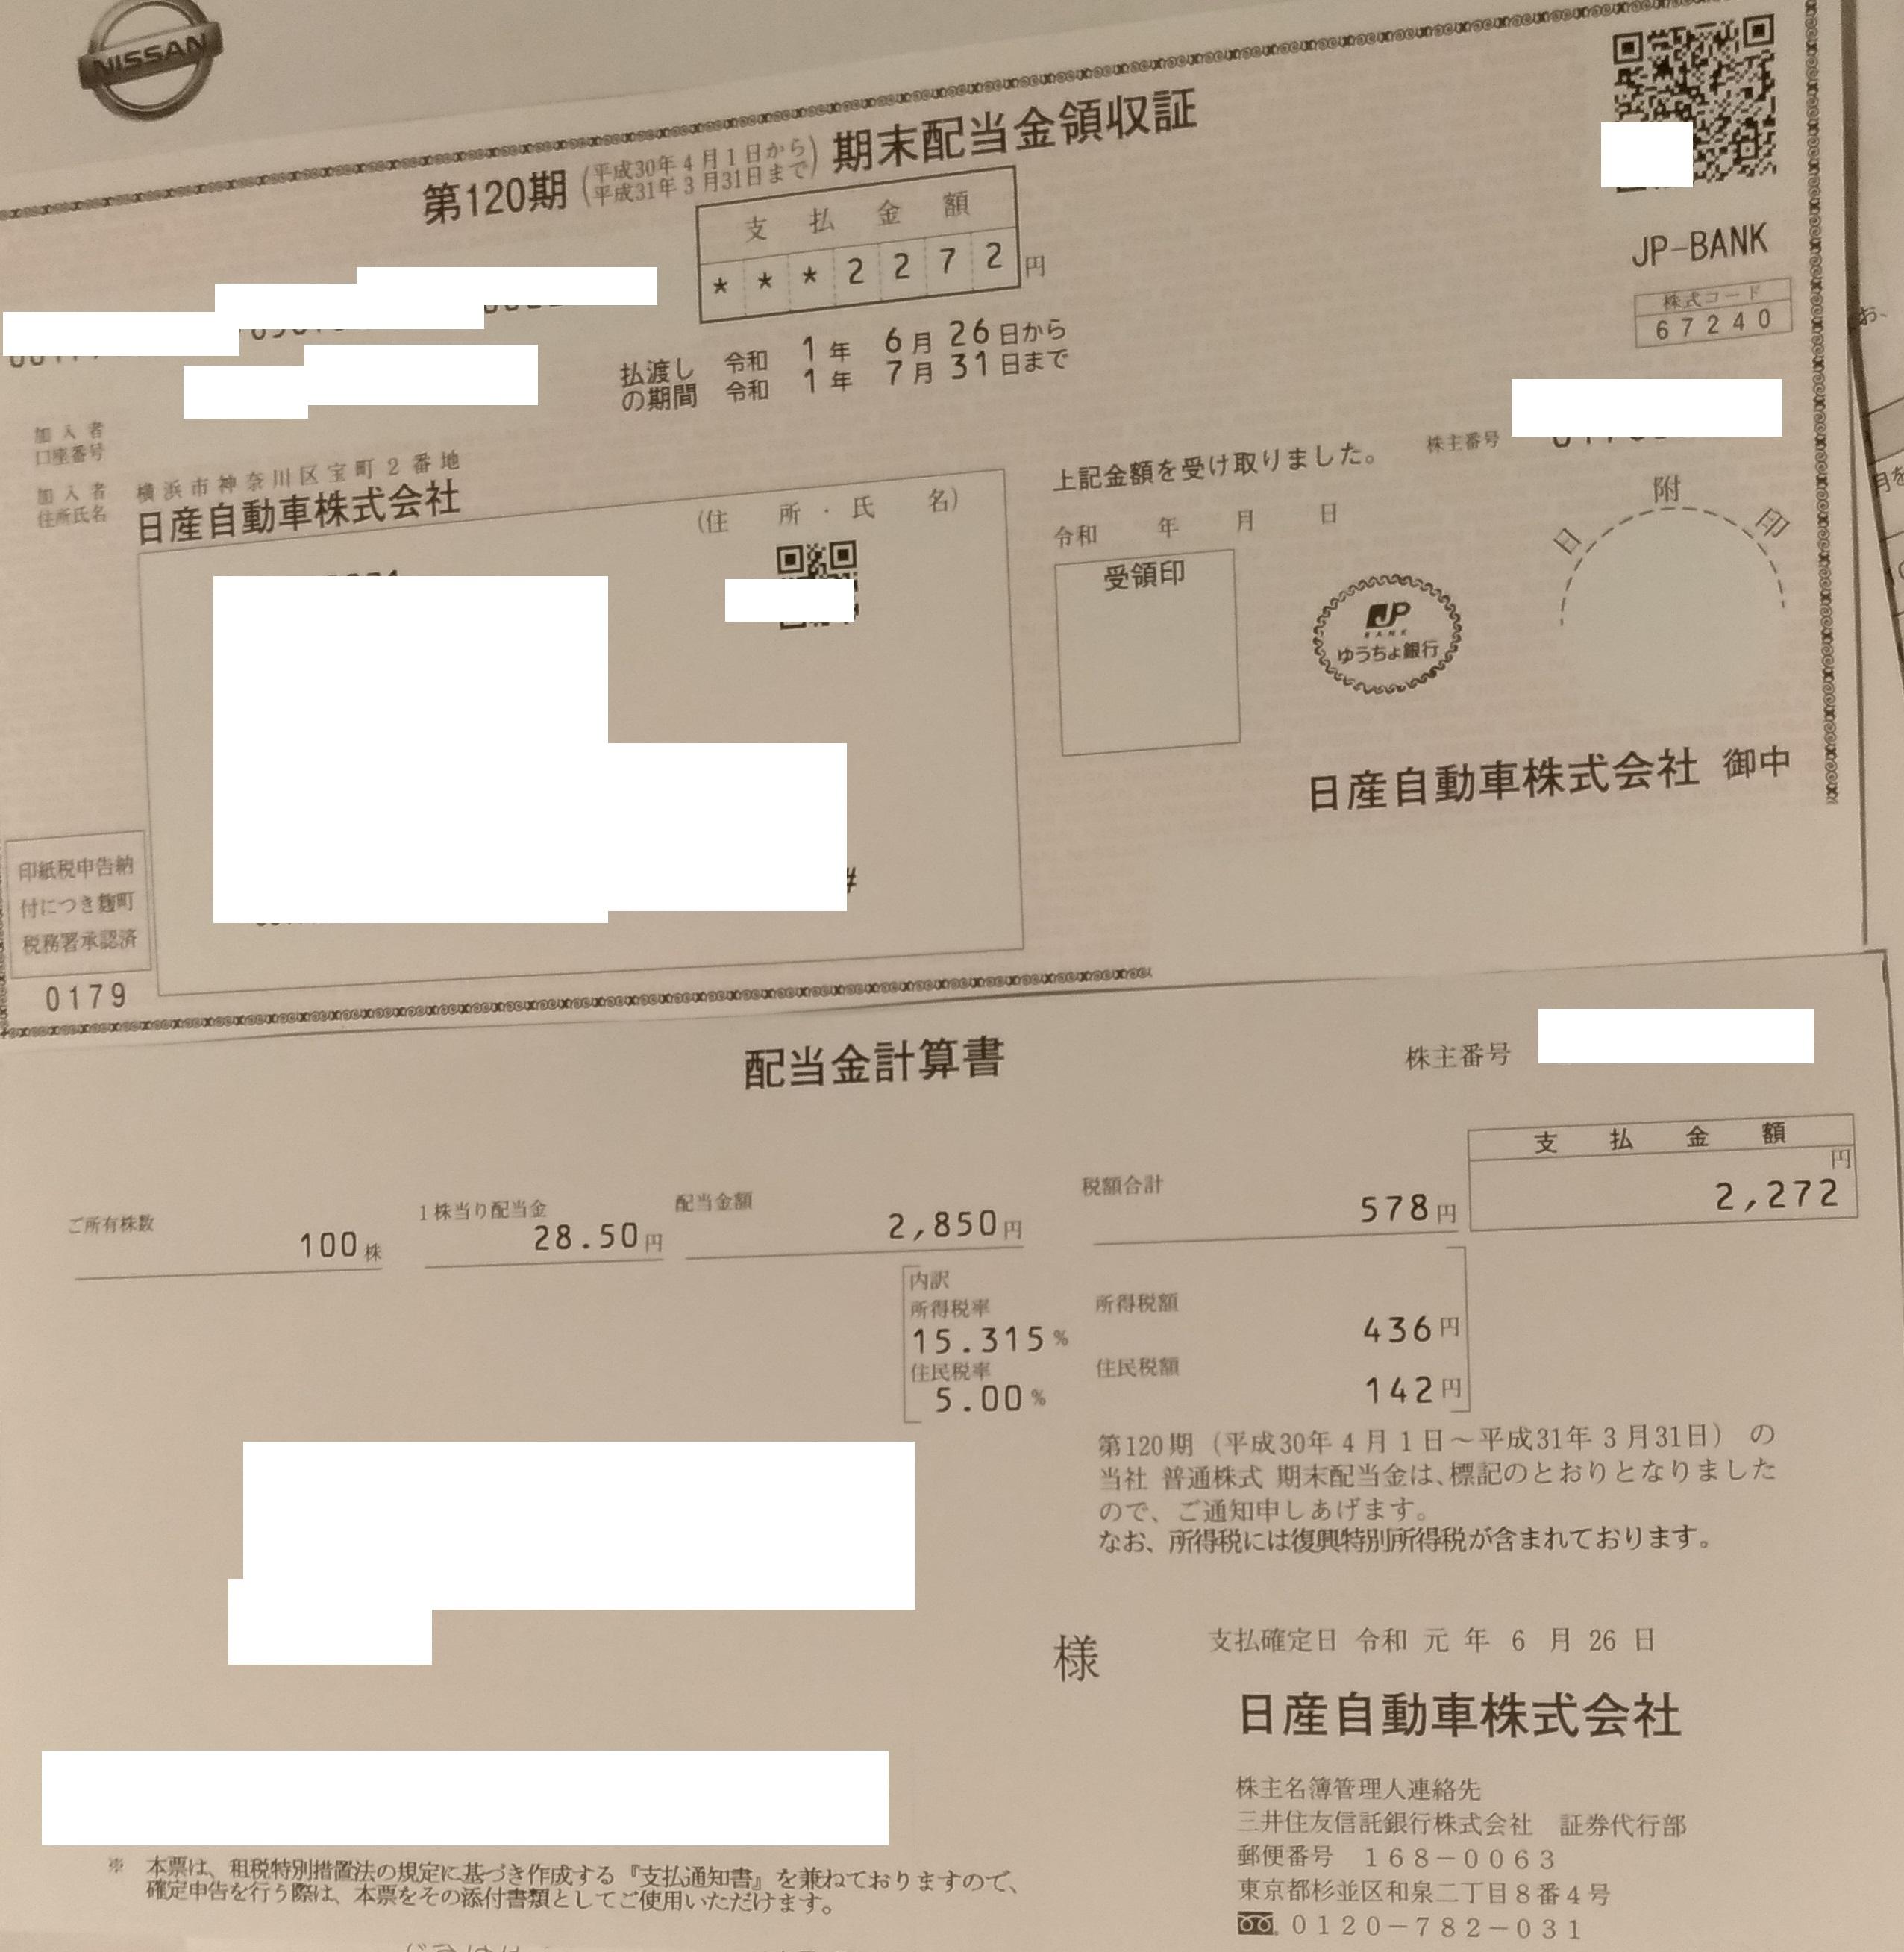 nissan_haito_201906.jpg